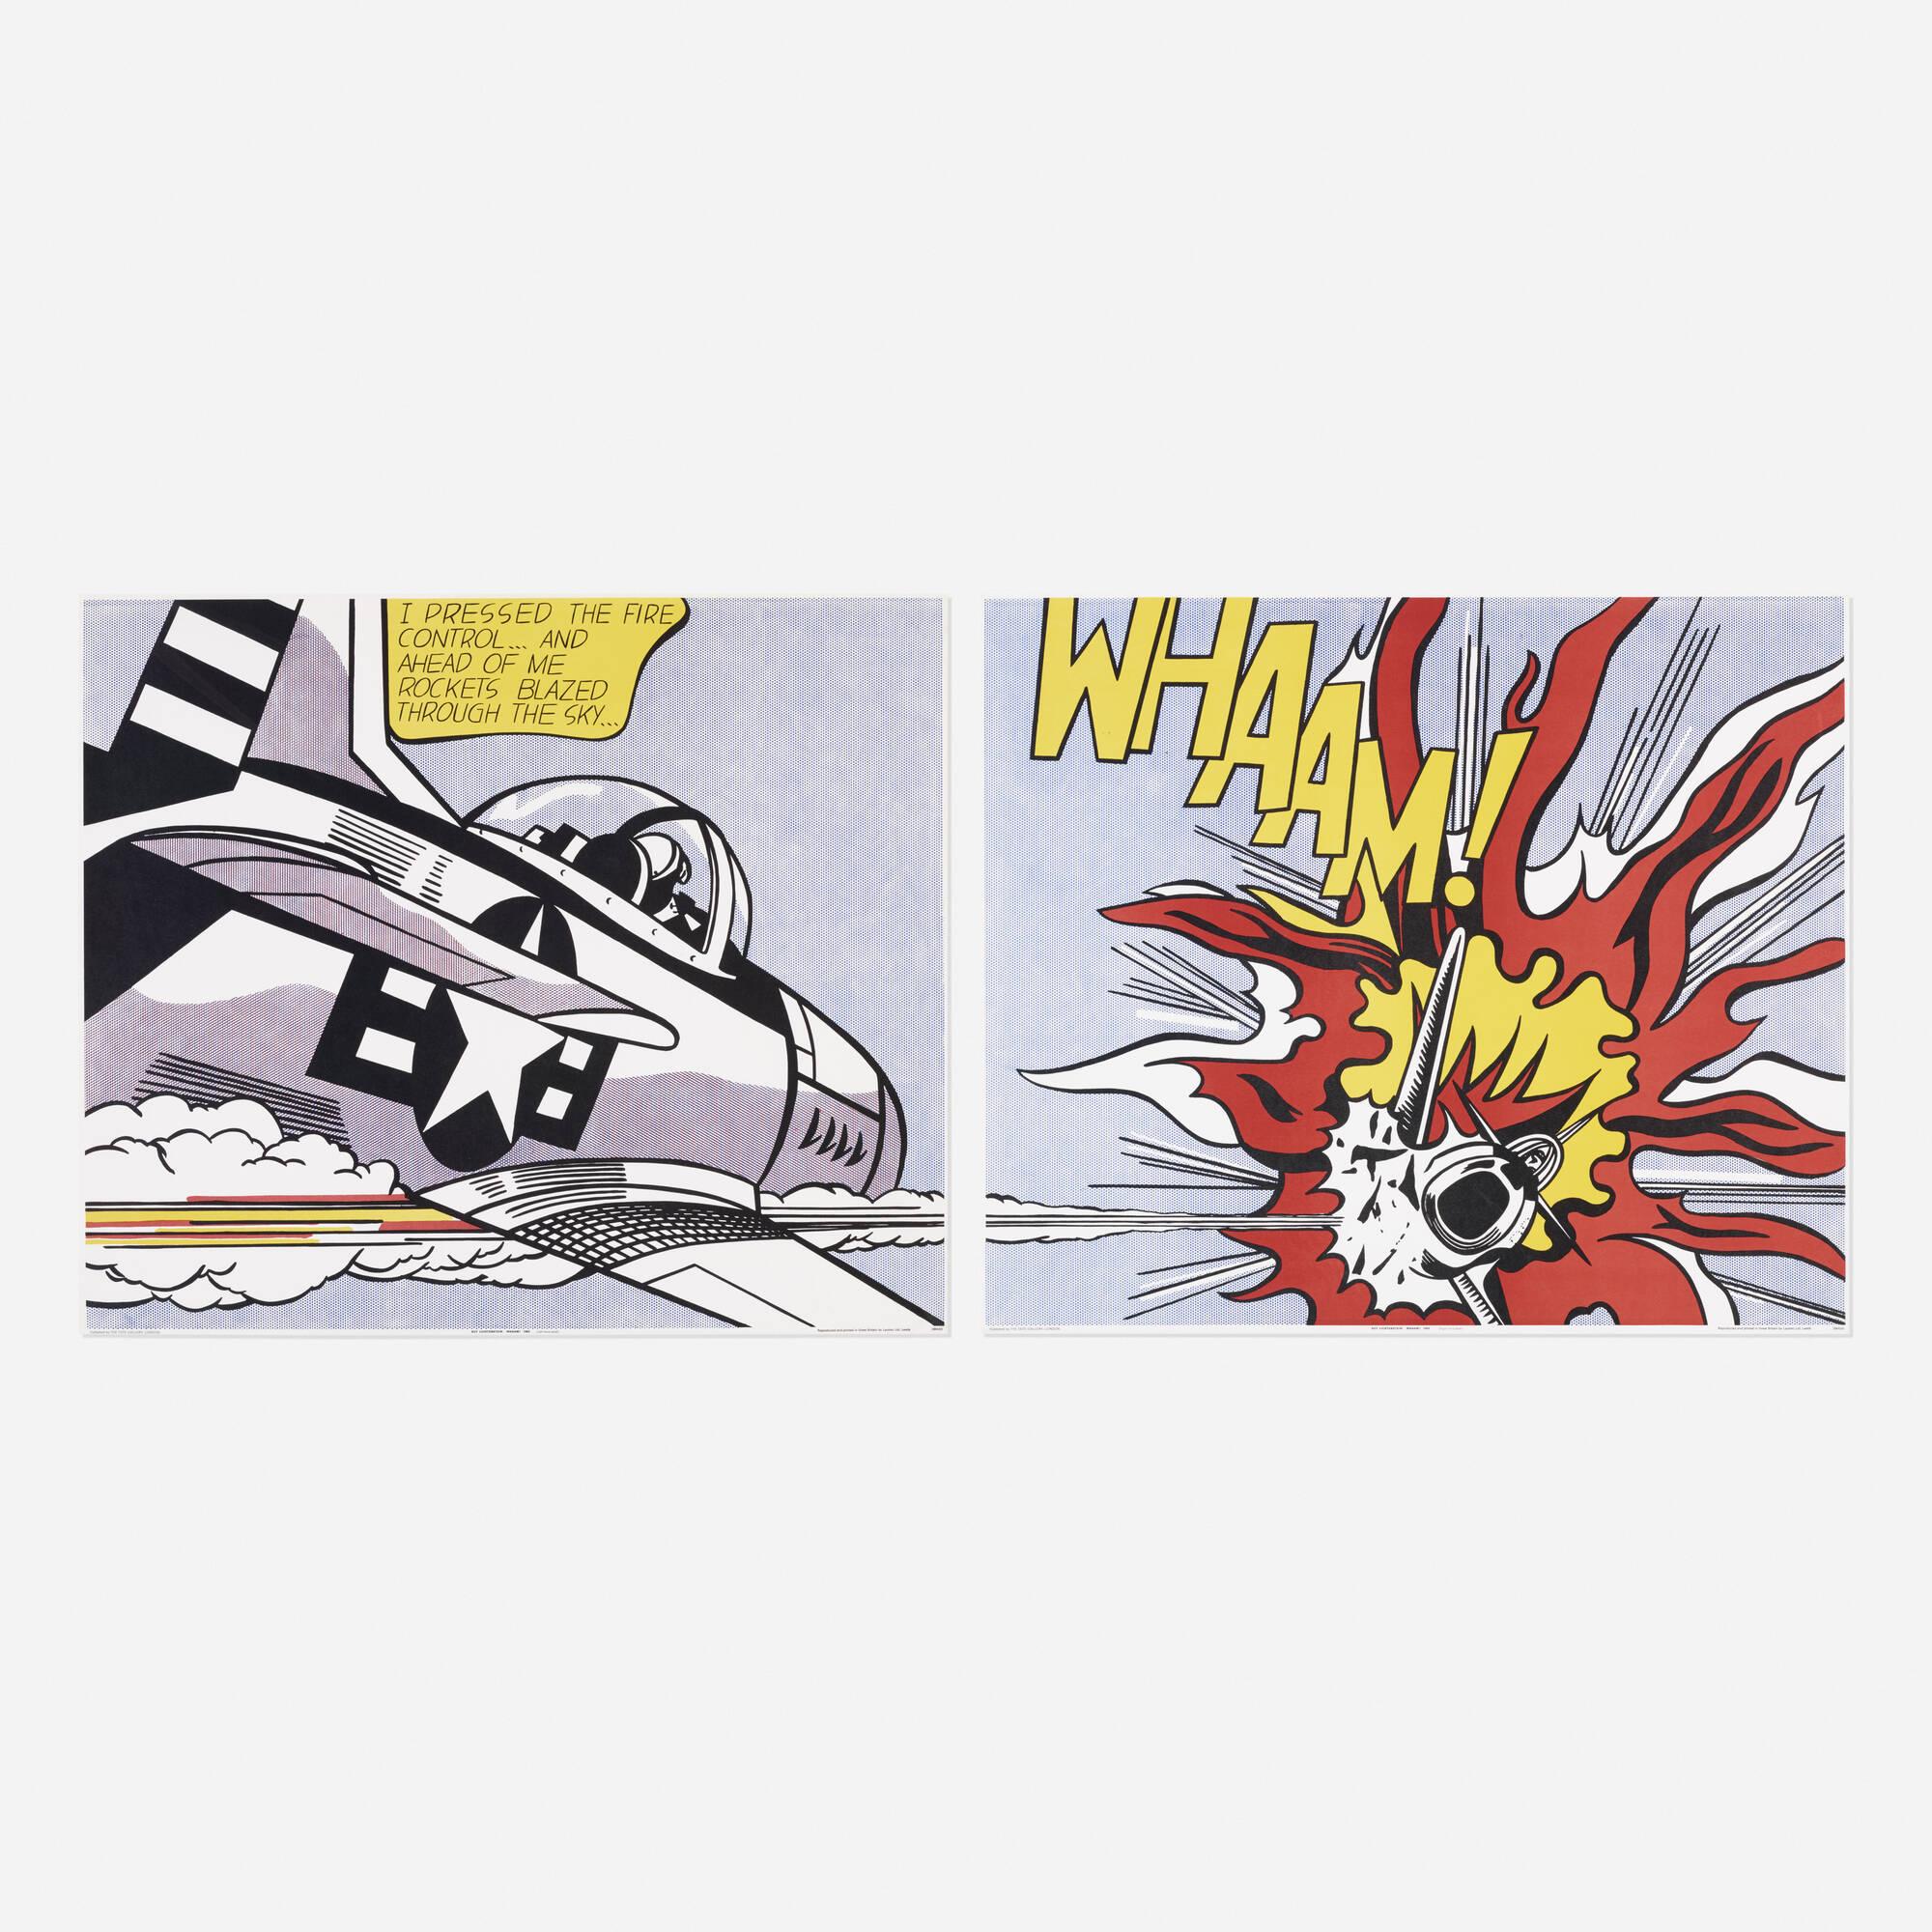 148: Roy Lichtenstein / WHAAM! poster (diptych) (1 of 1)